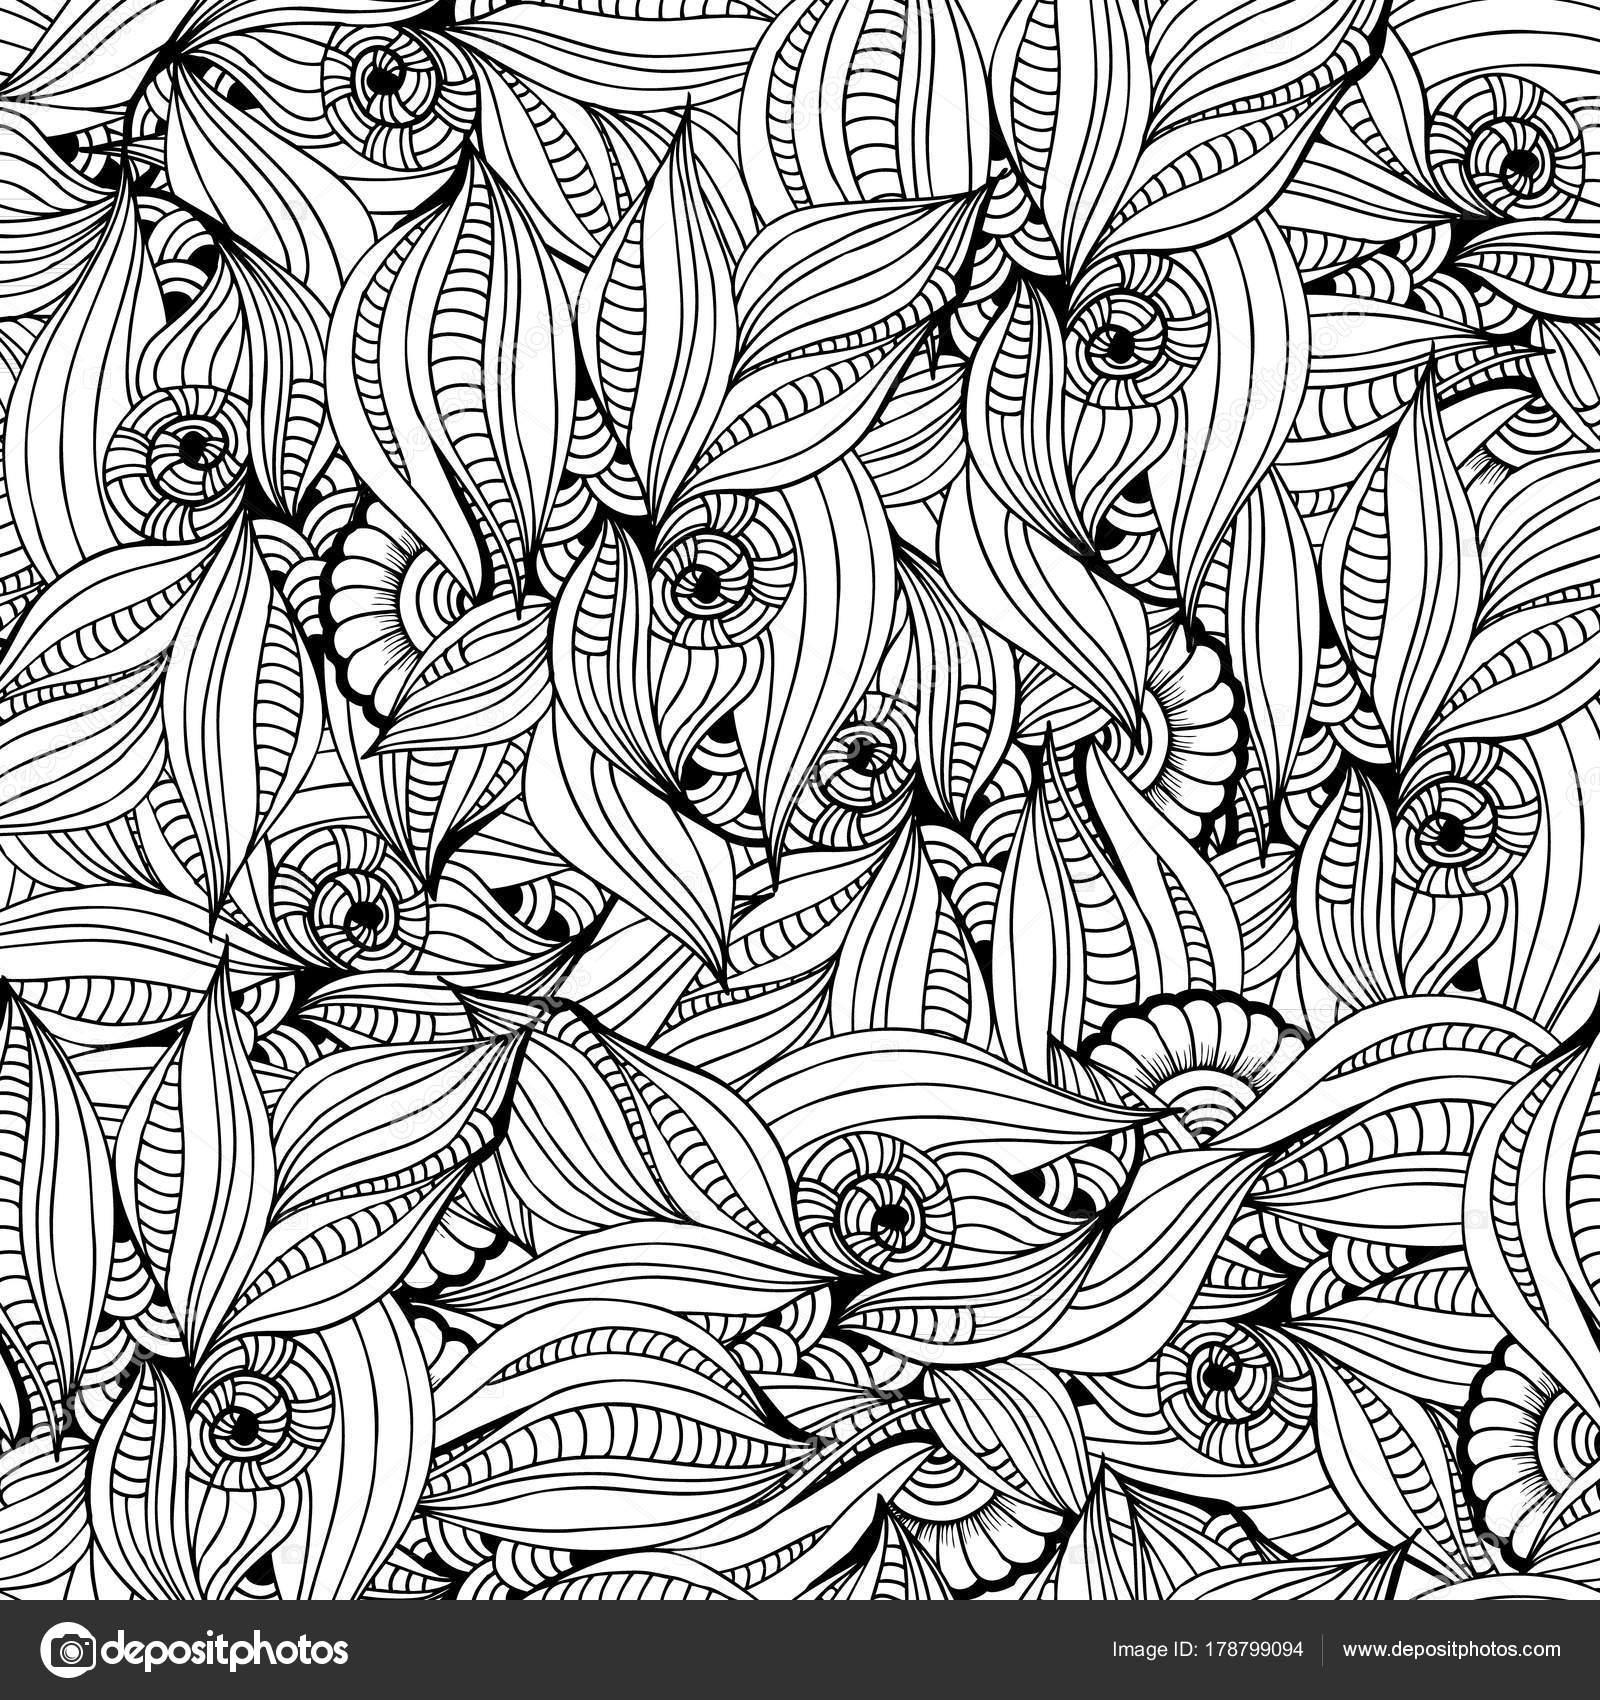 Página para colorear de patrón abstracto monocromo para colorear ...